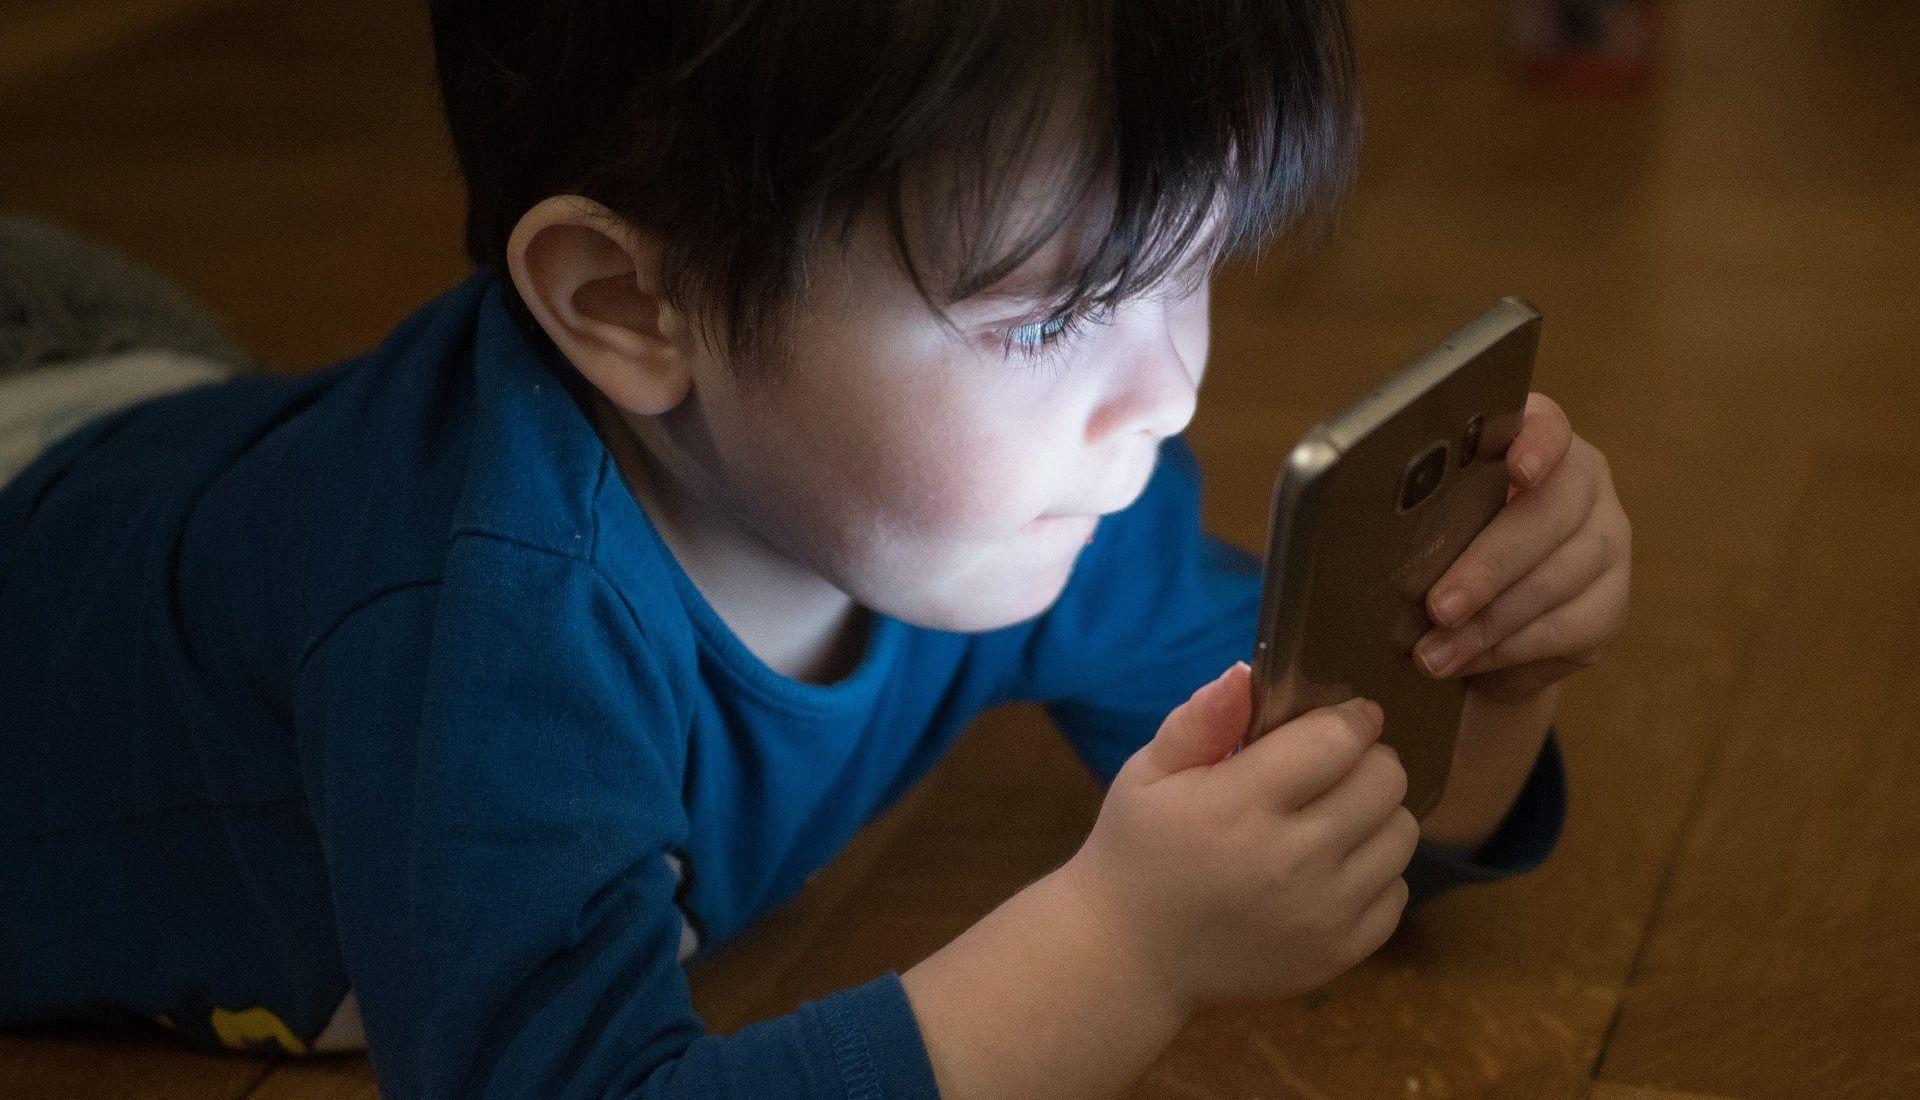 L'image, l'écran et l'enfant : une équation à résoudre.